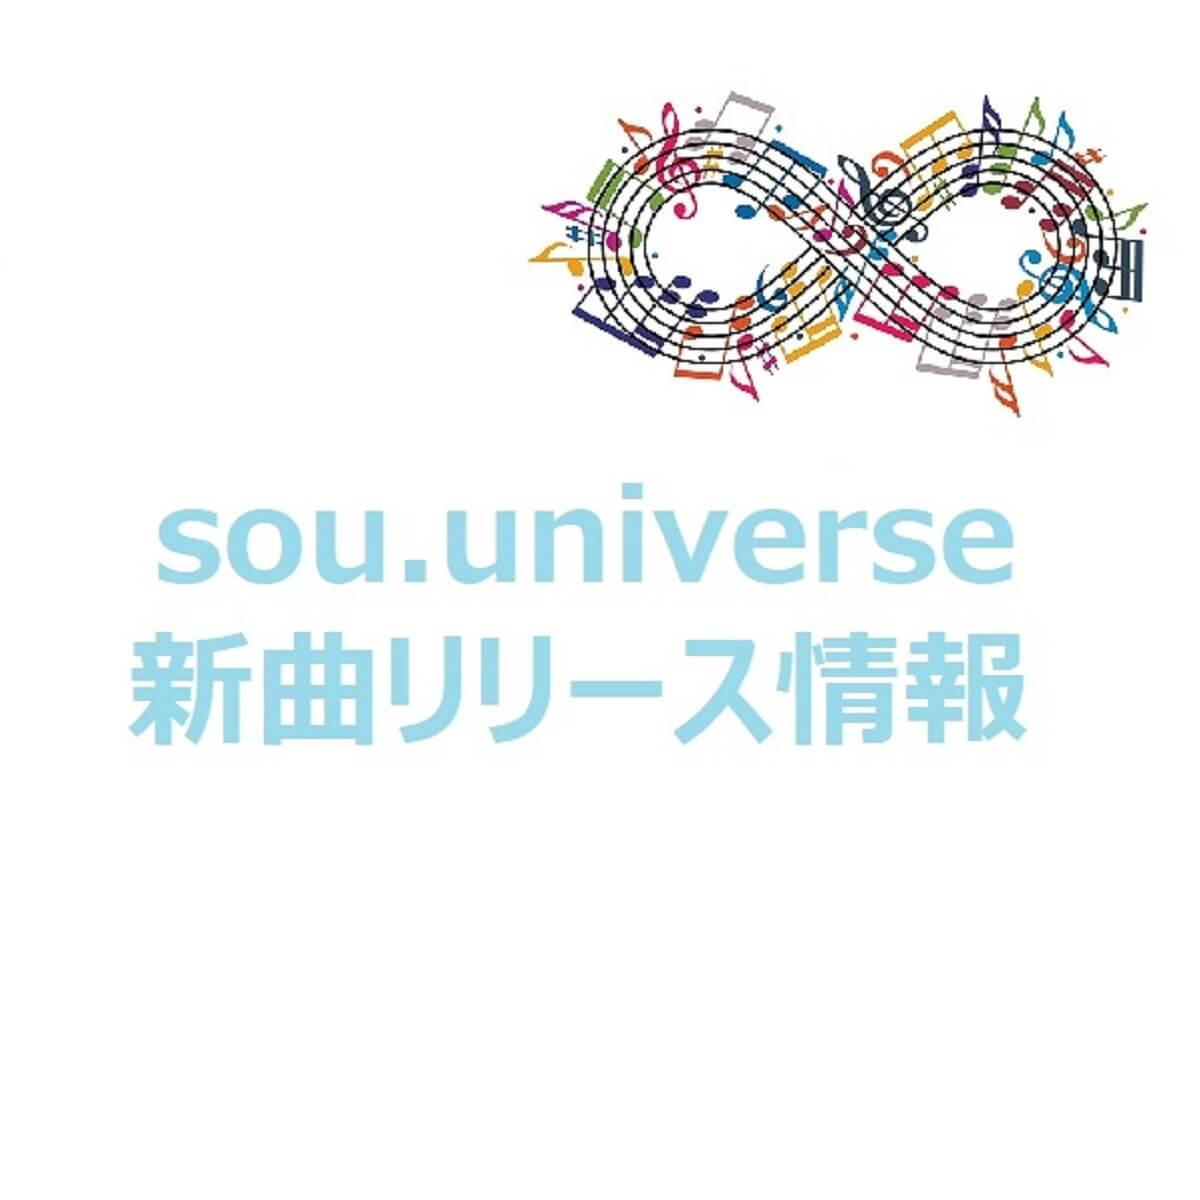 sou.universeの新曲リリース情報。